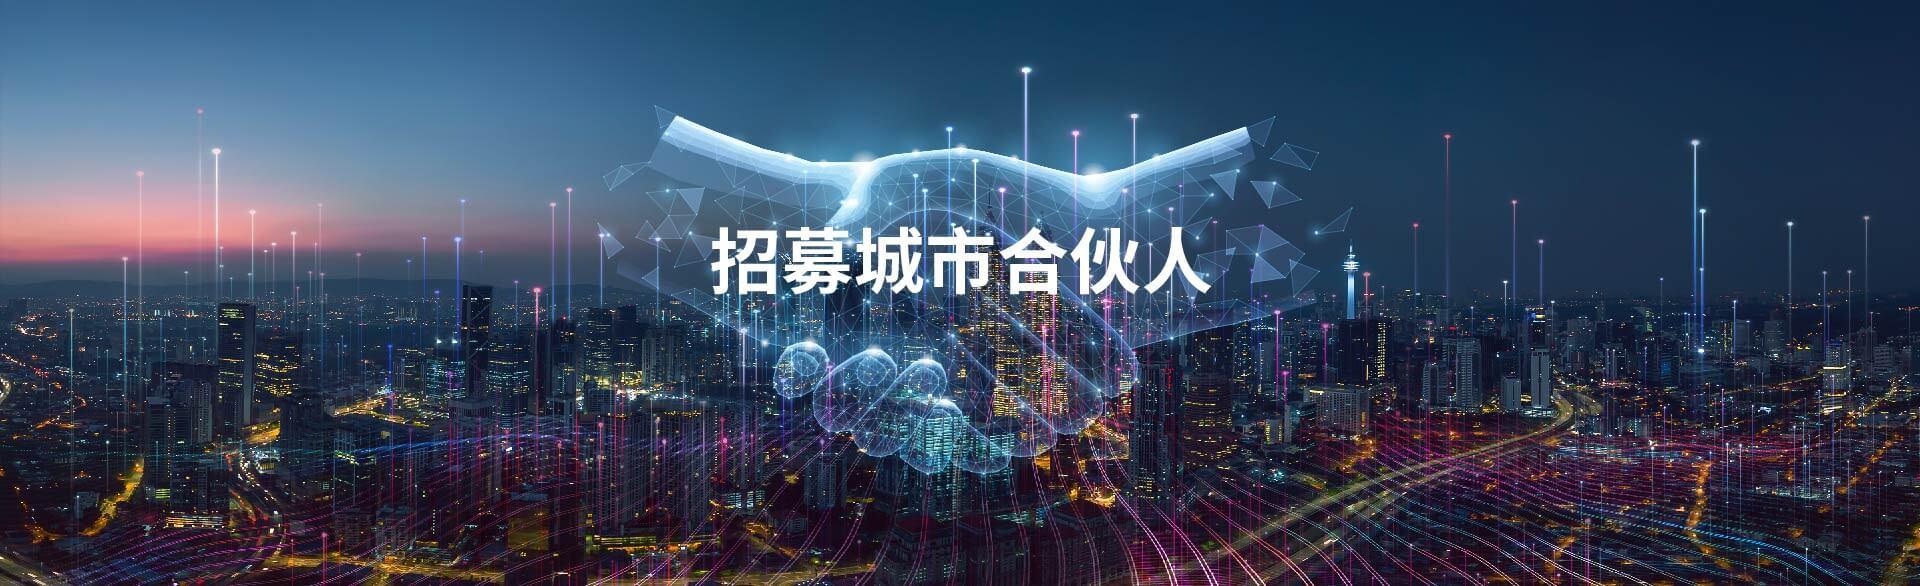 音视频智能终端产品合作加盟banner图